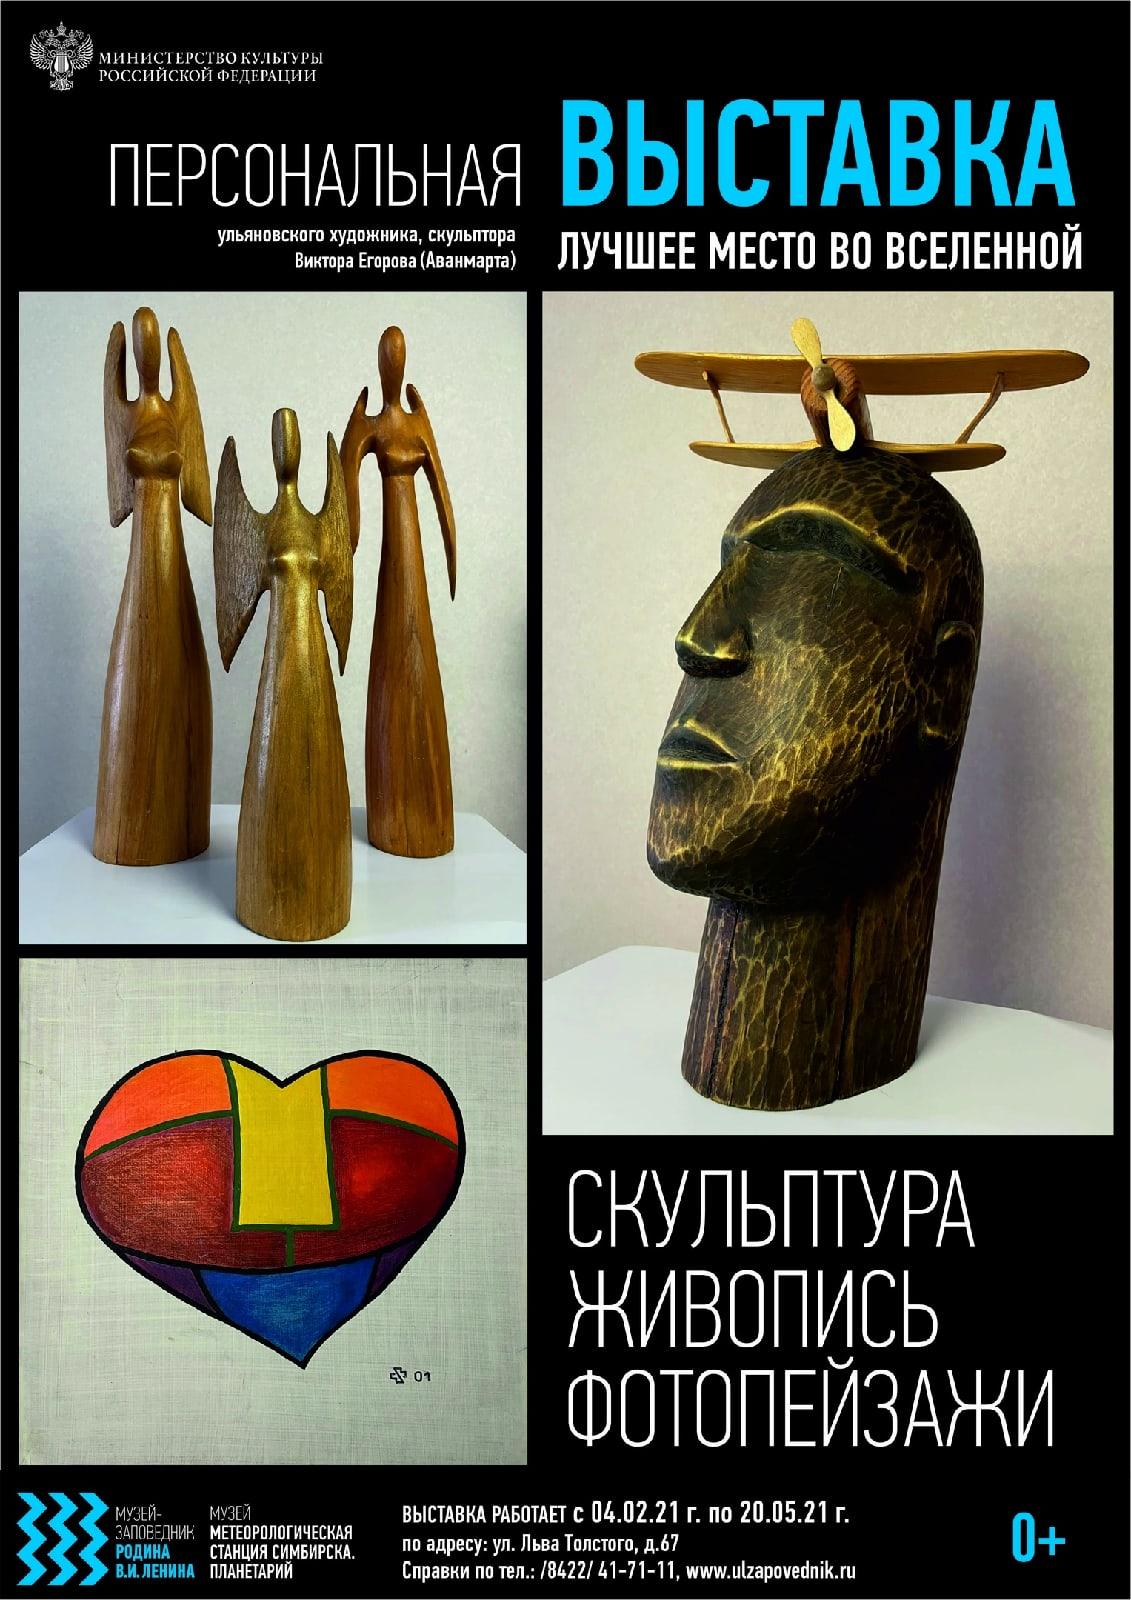 Выставка «Лучшее место во Вселенной» @ в выставочном зале музея «Метеорологическая станция Симбирска»